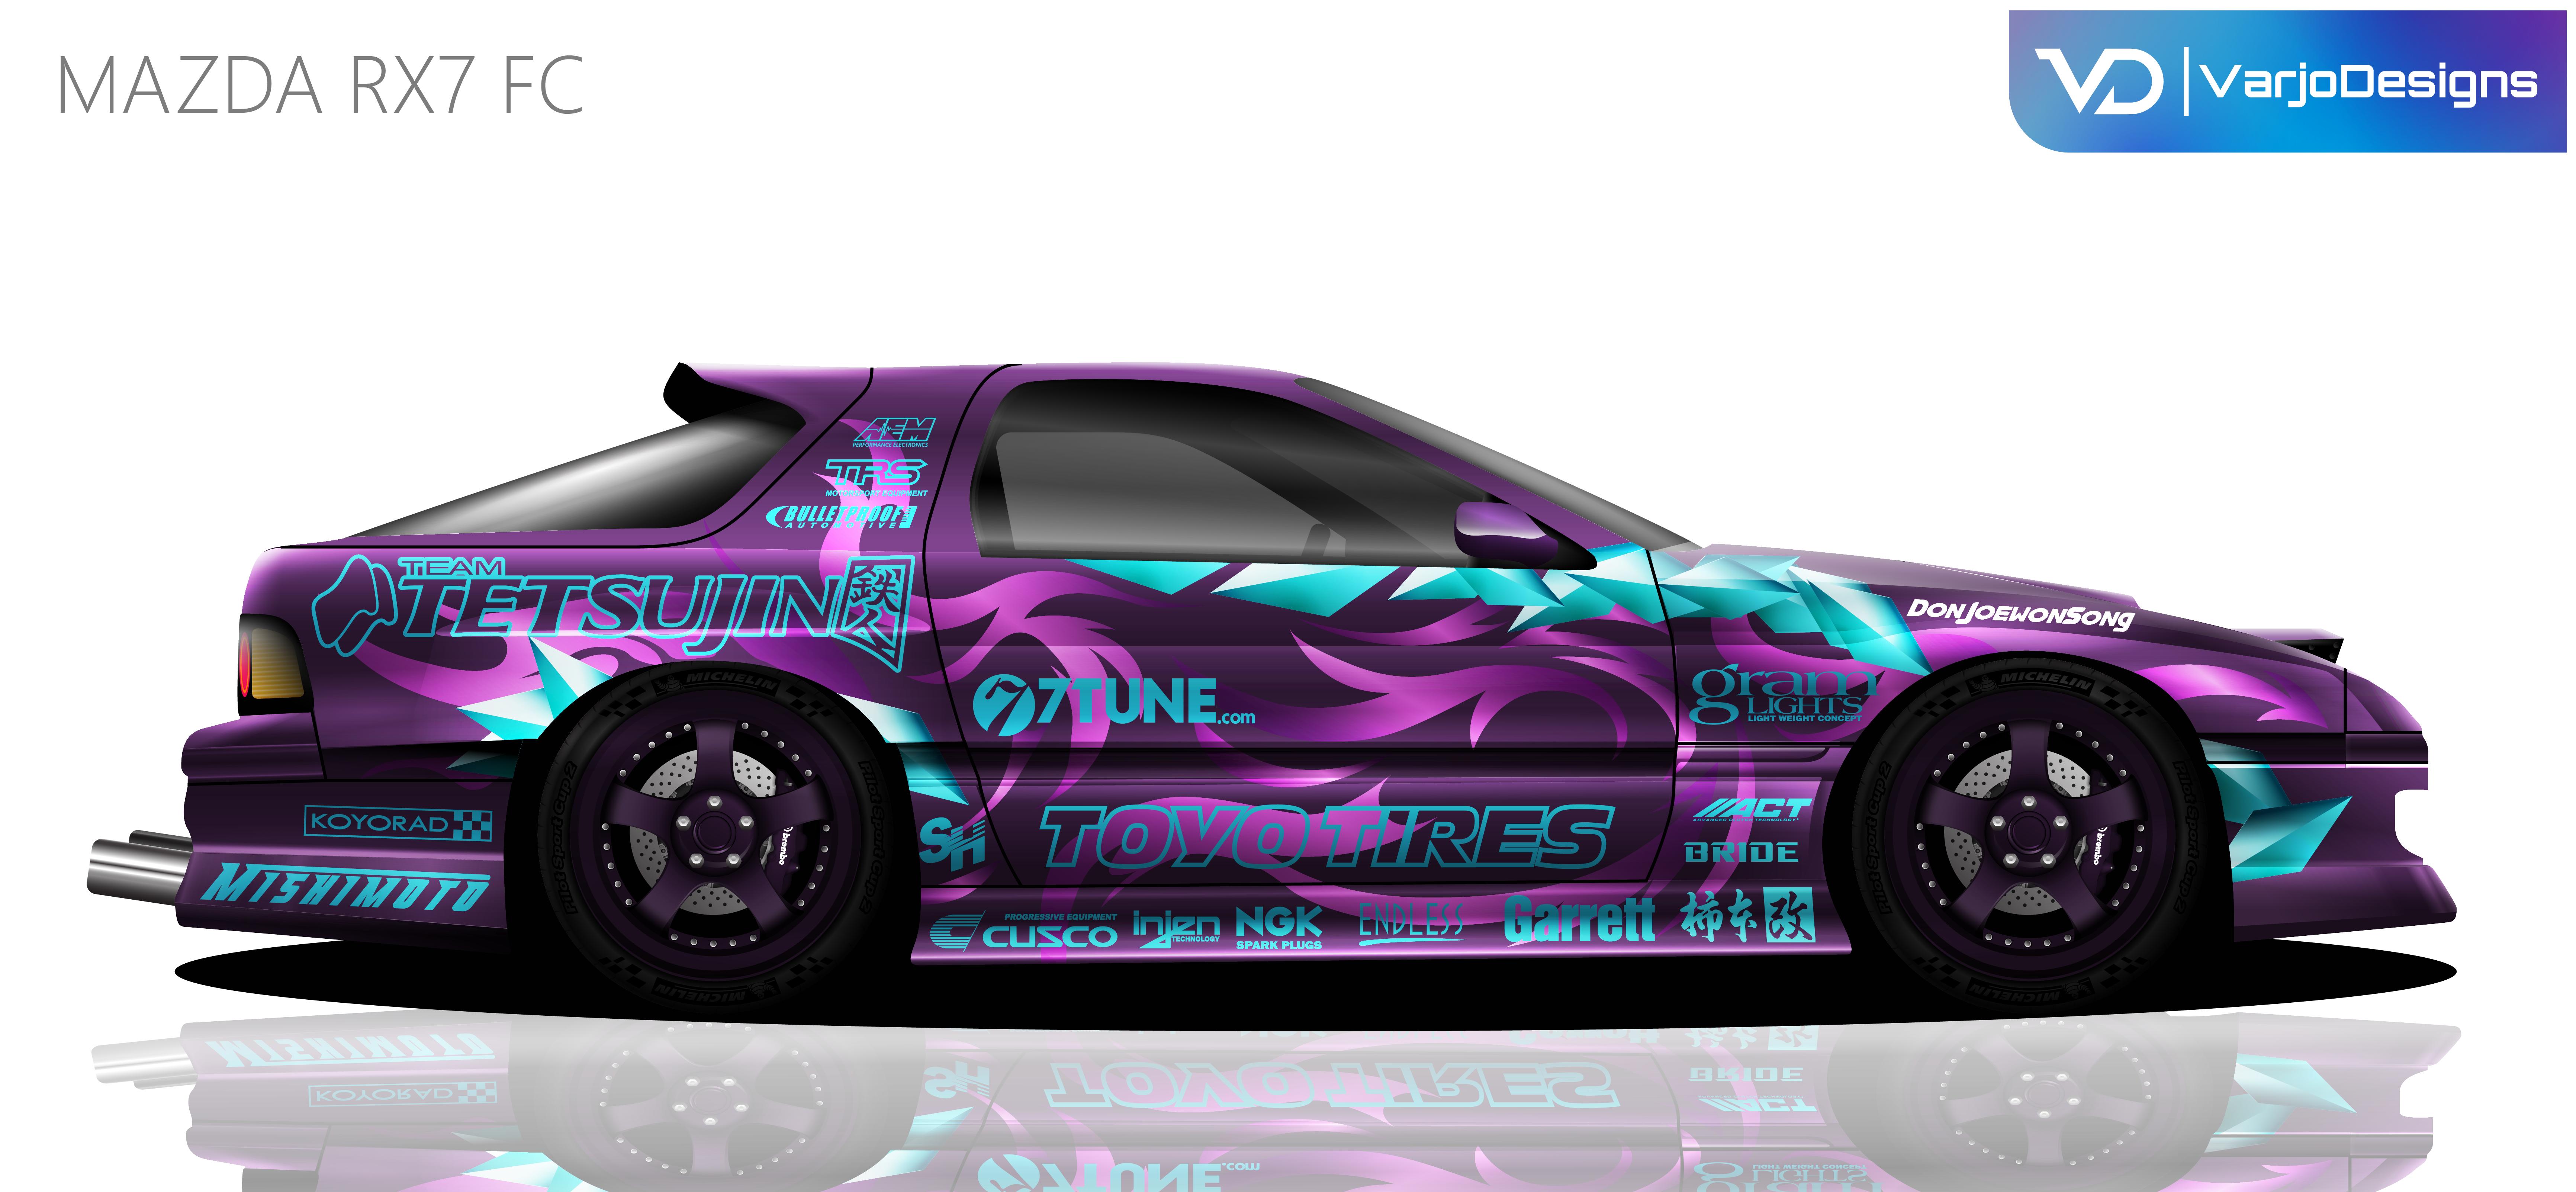 Mazda Rx7 Fc Livery Concept